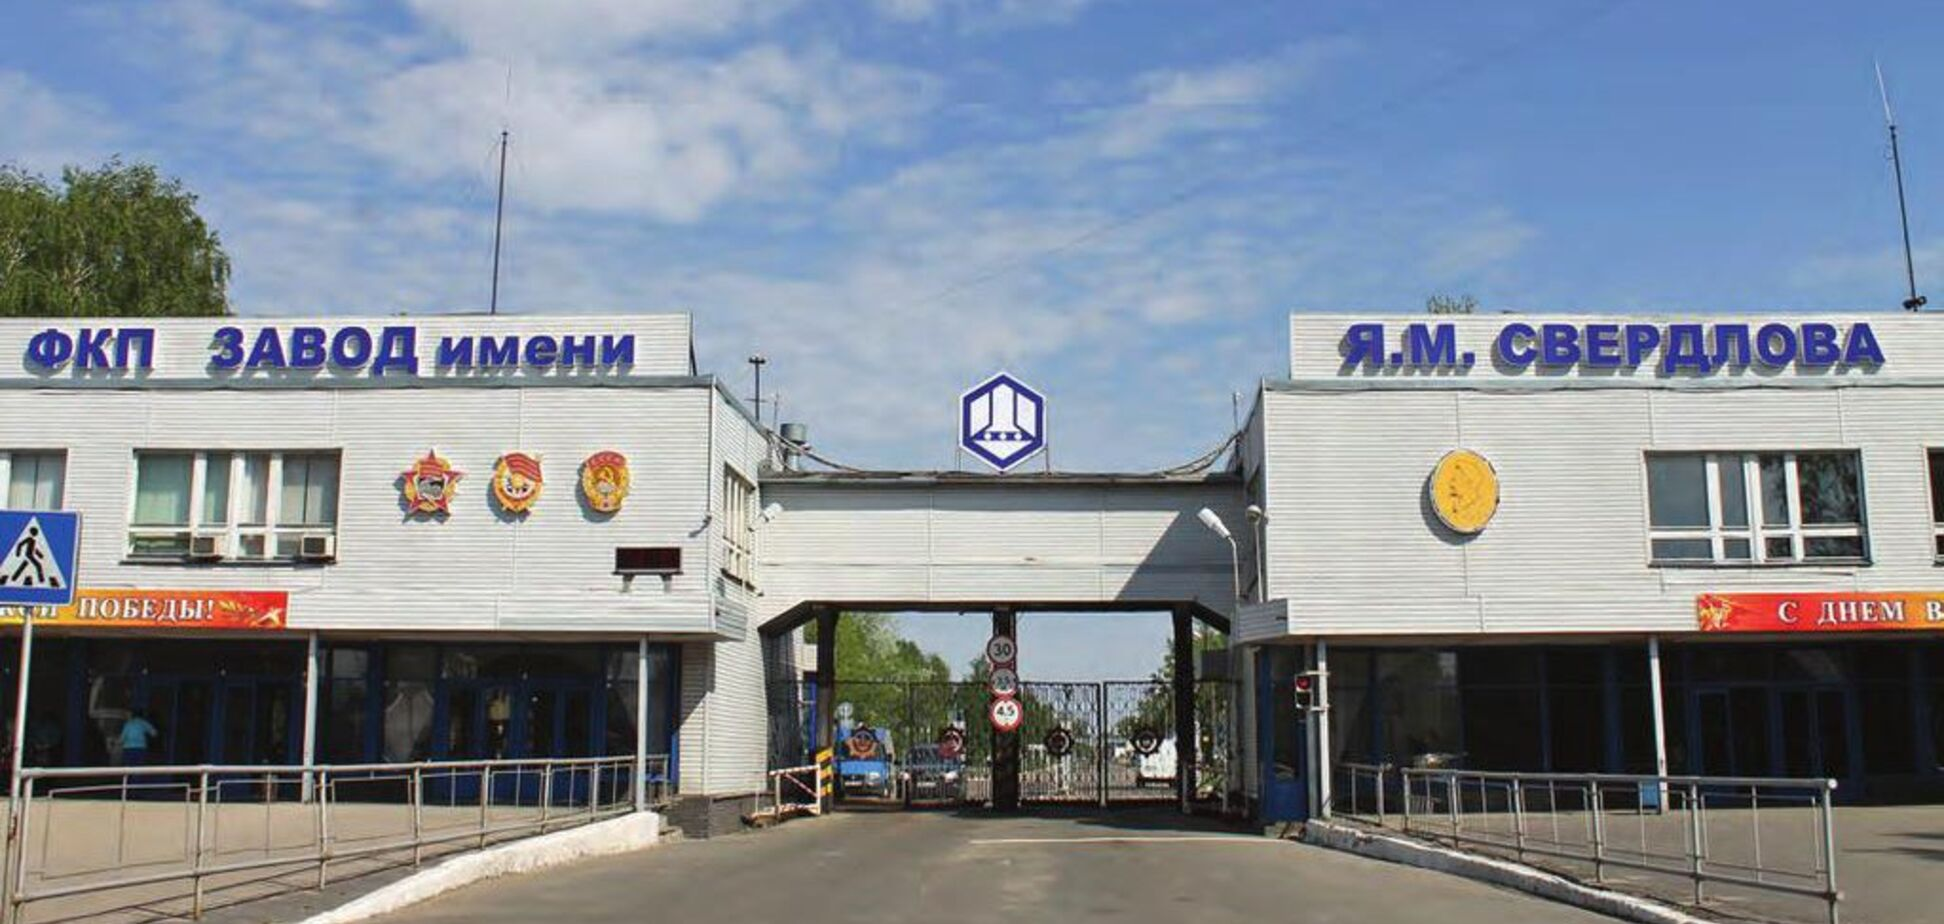 В Росії вибухнув оборонний завод: загинули 4 осіб, ще 4 поранені